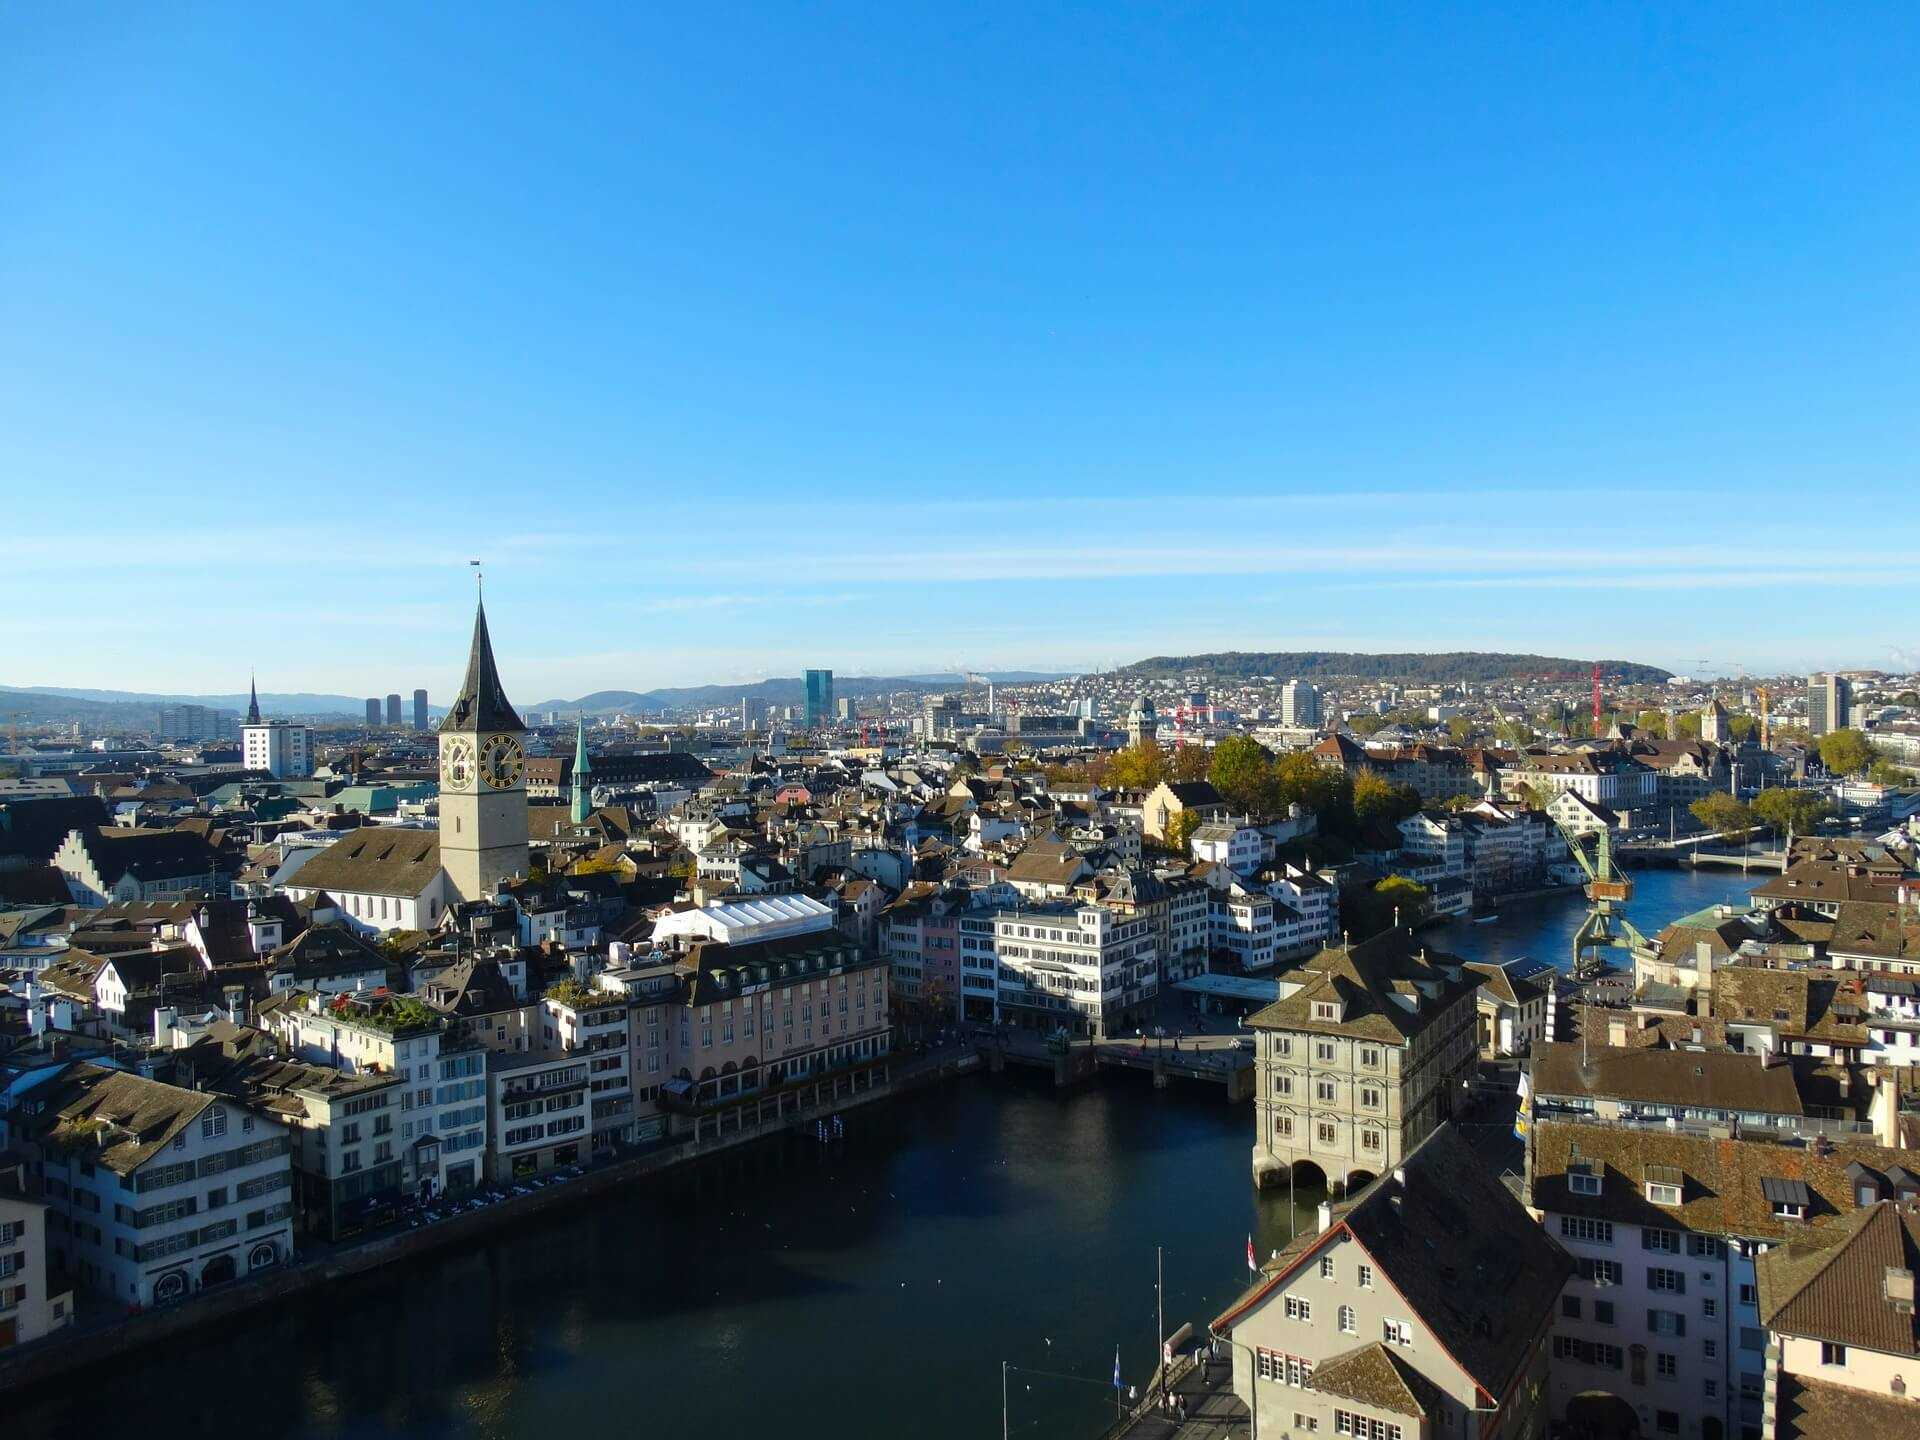 Direktflüge und Billigflüge ab Leipzig/Halle nach Zürich